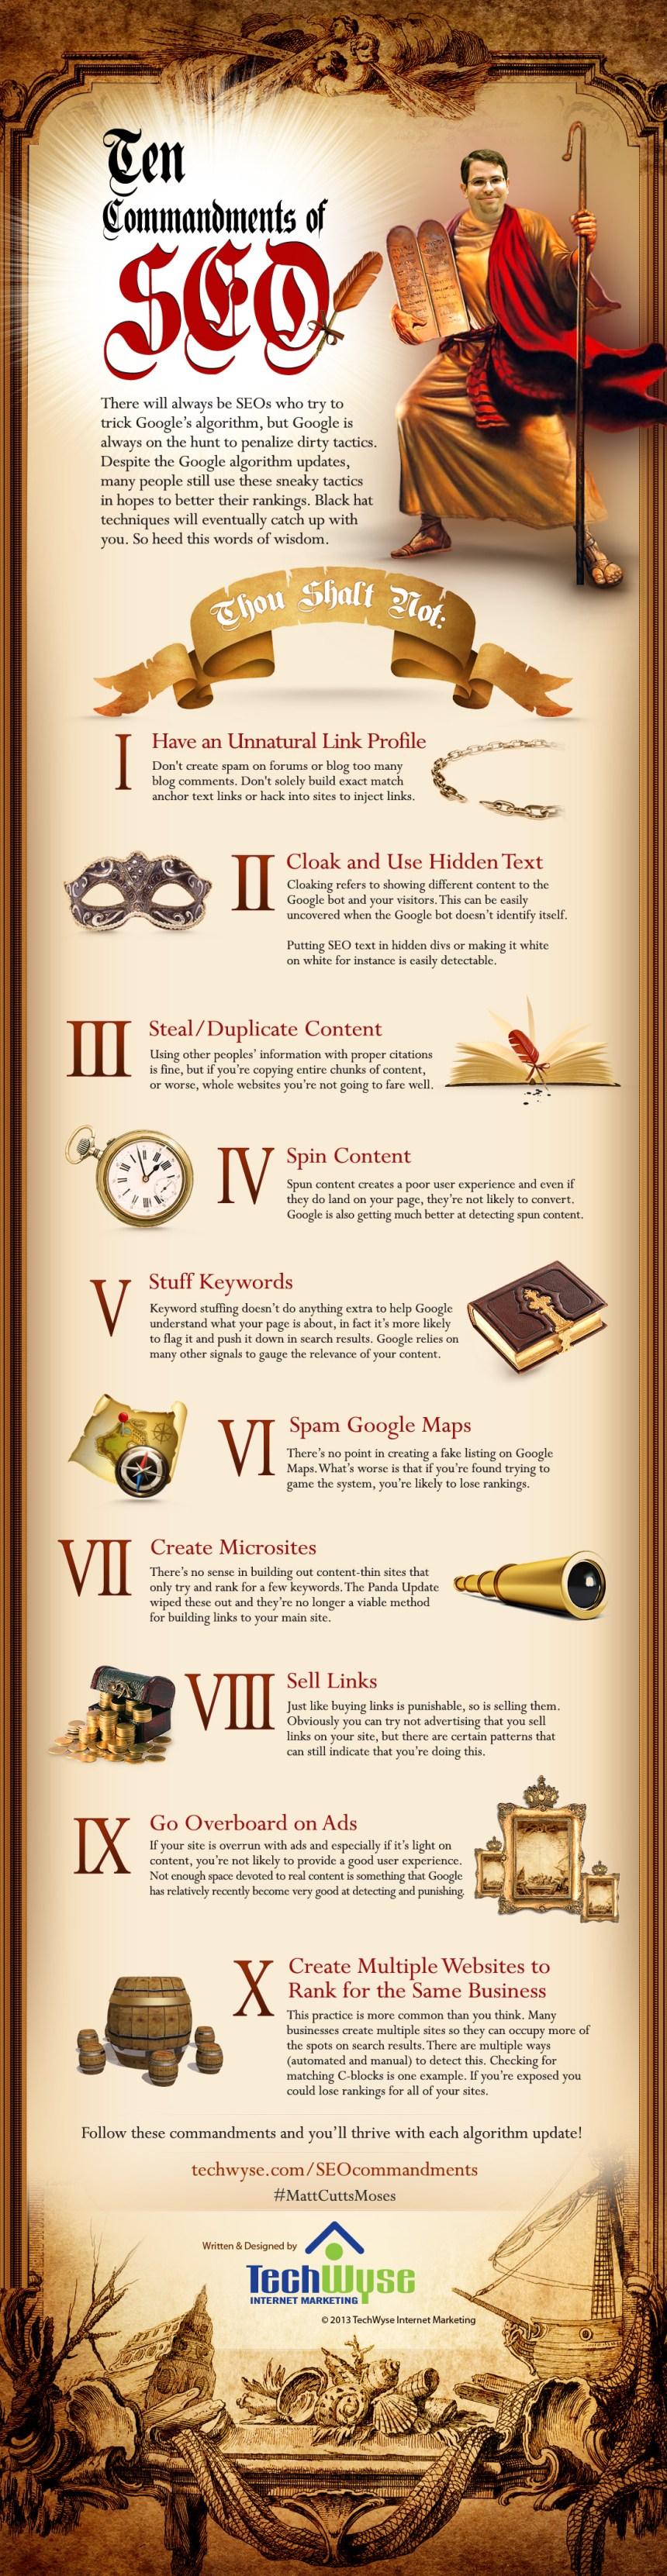 Los 10 mandamientos del SEO